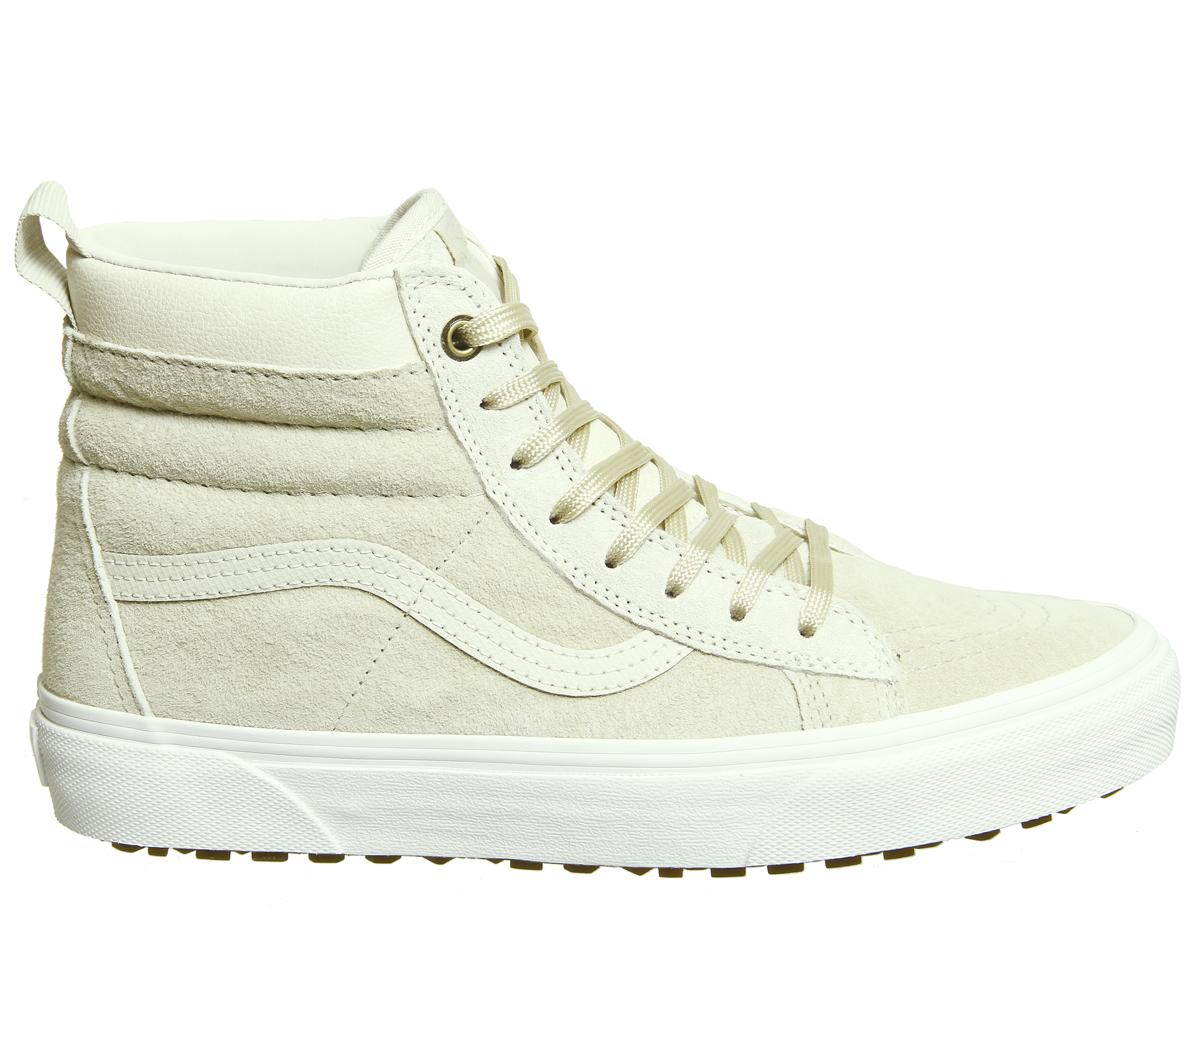 08999ab264197c Sentinel Womens Vans Sk8 Hi Mte Cement Birch Trainers Shoes